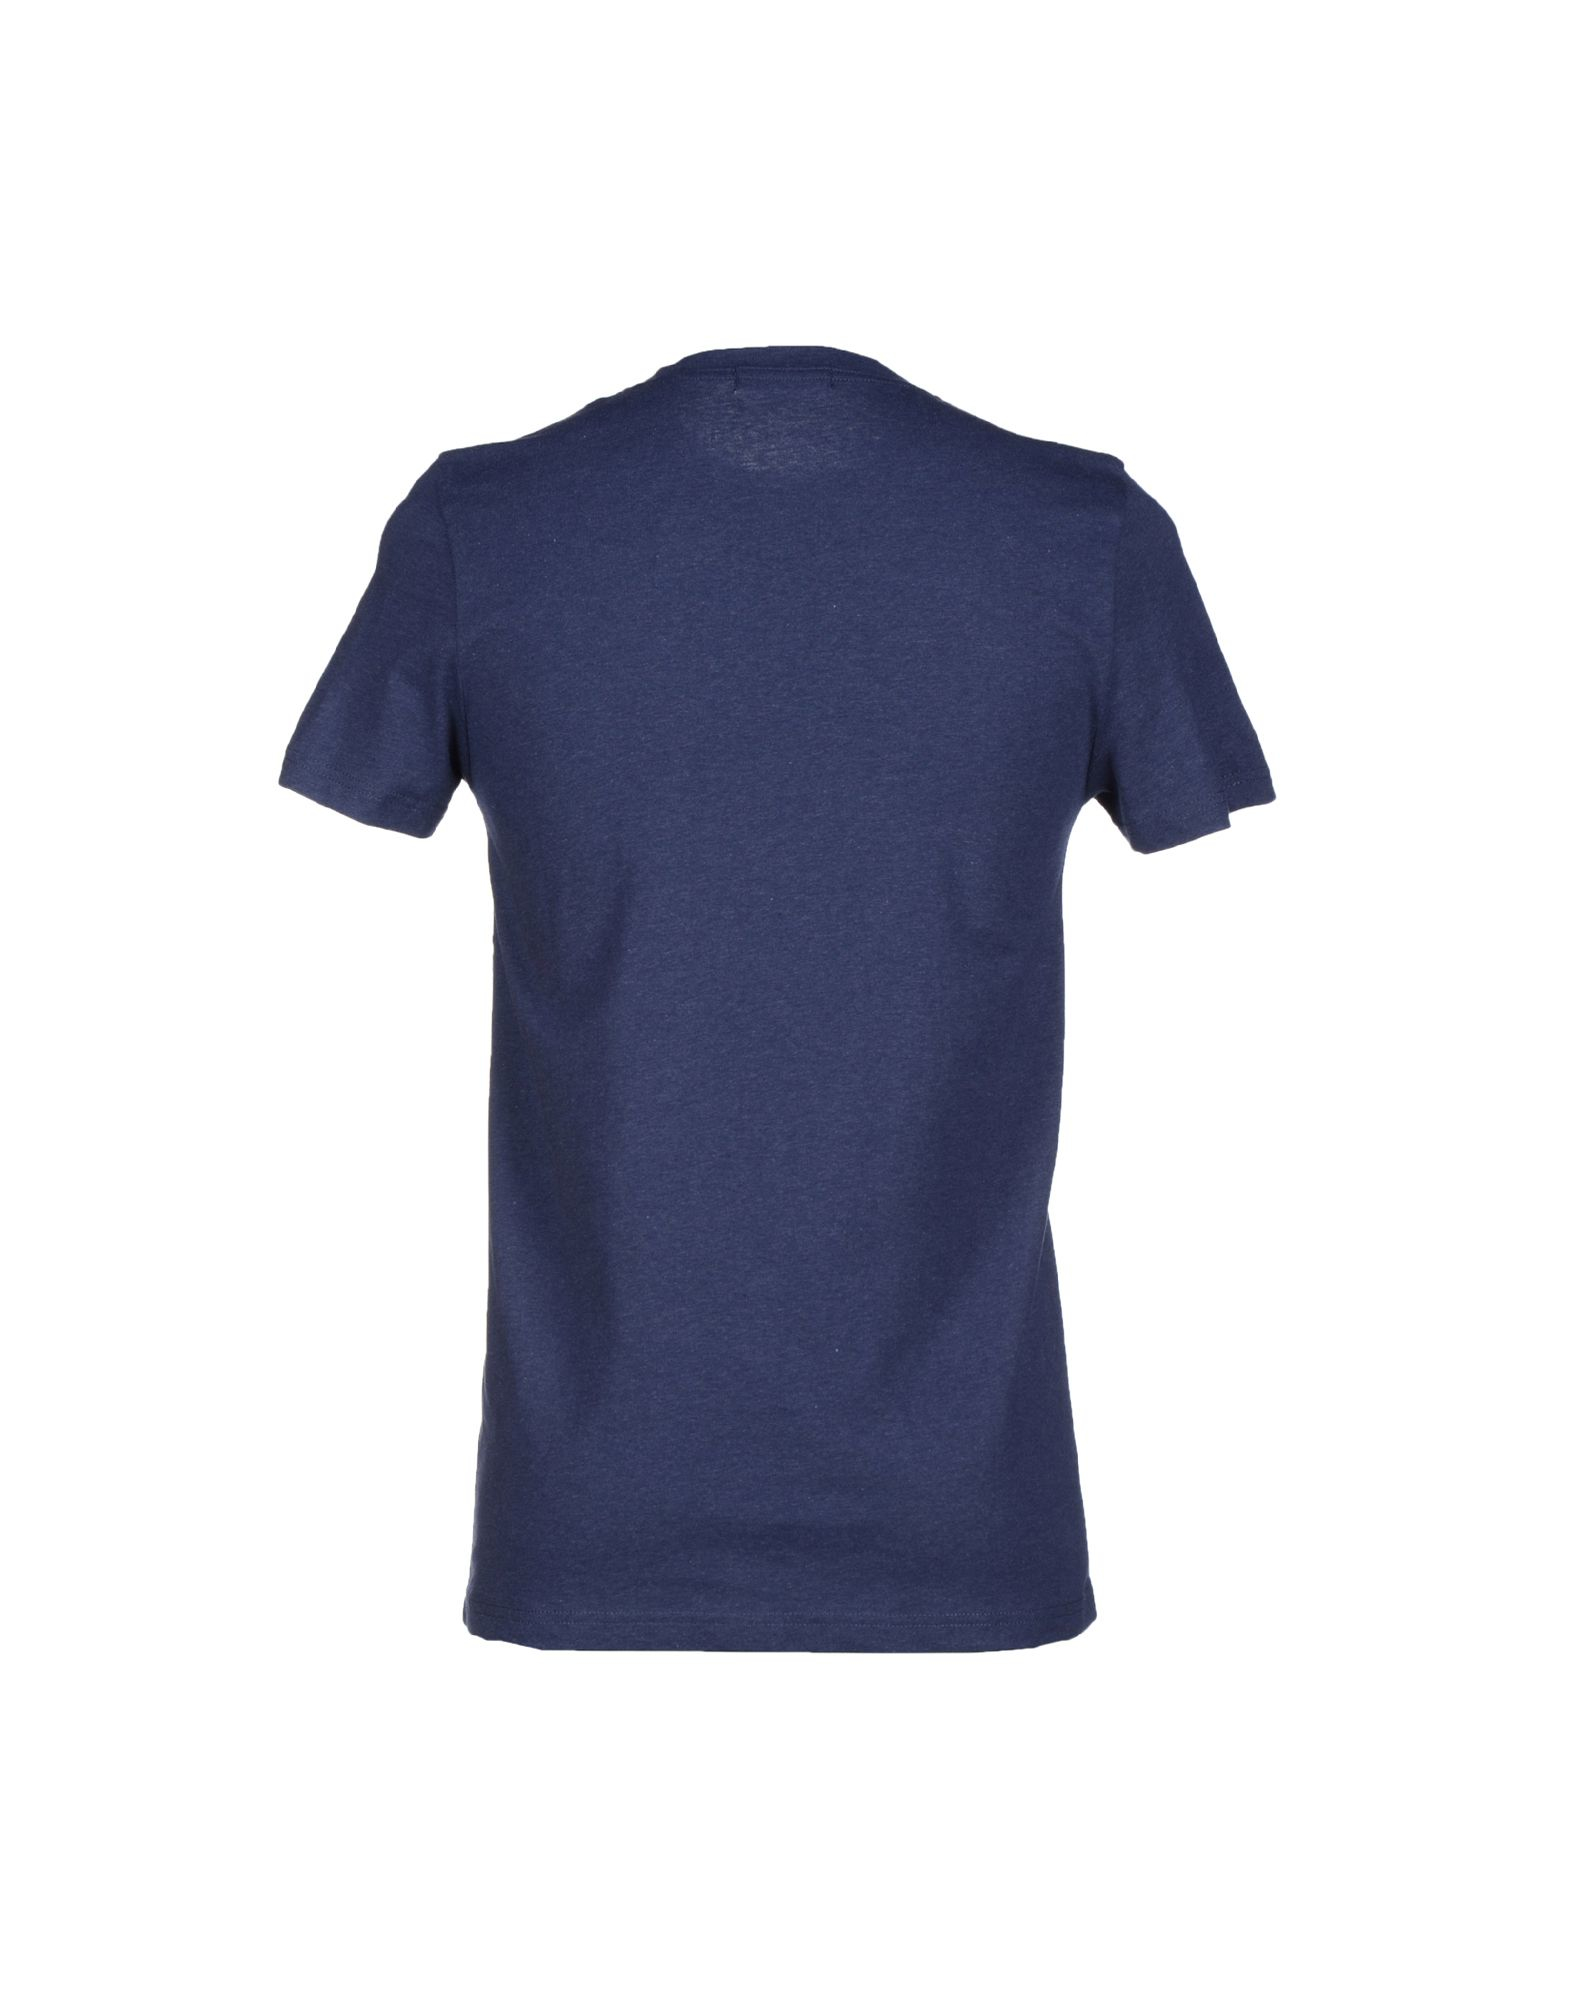 oliver spencer t shirt in blue for men lyst. Black Bedroom Furniture Sets. Home Design Ideas